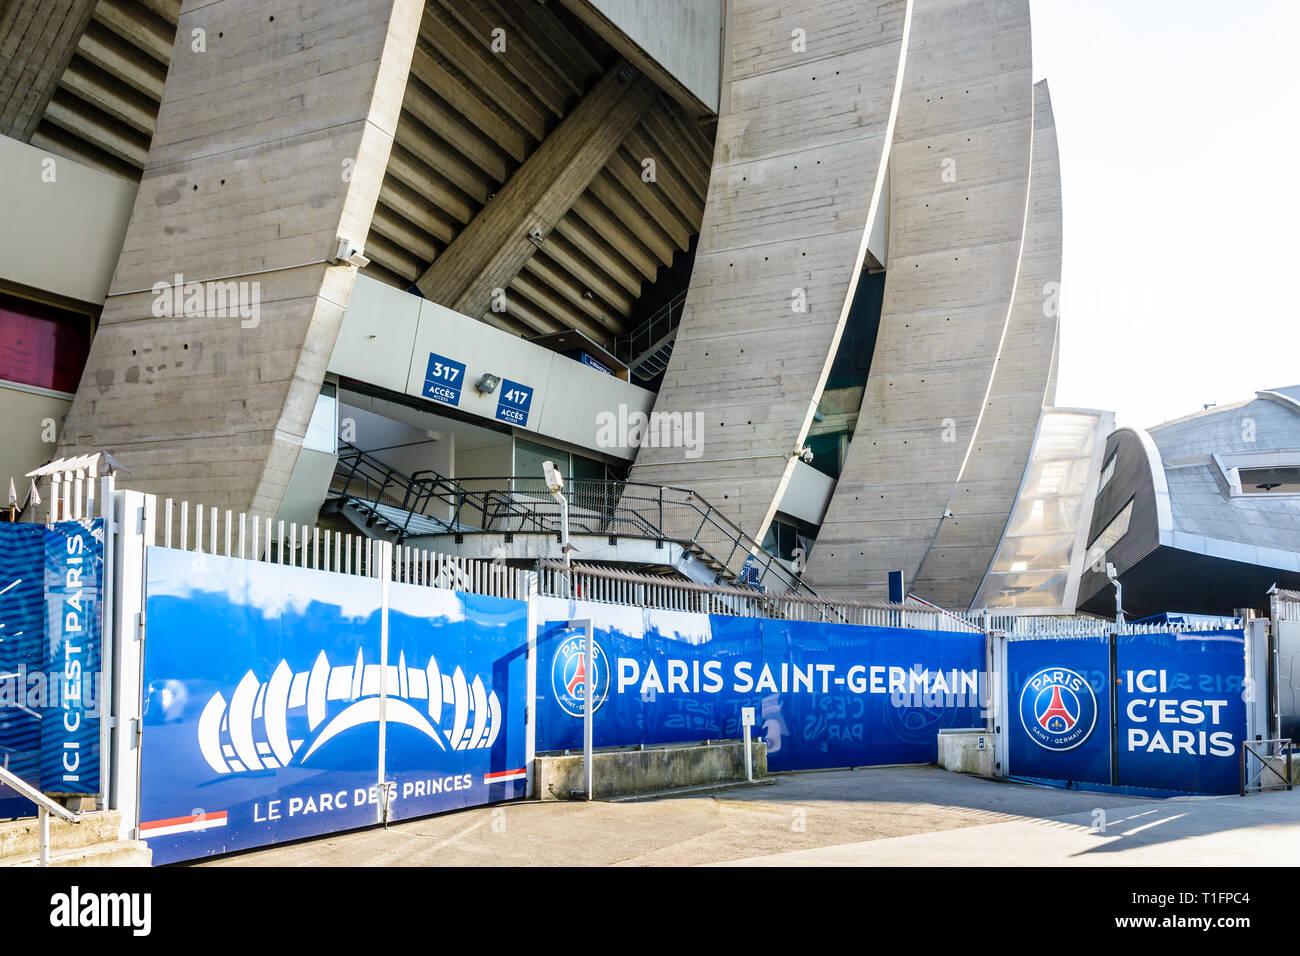 El Estadio Parc Des Princes Estadio Del Paris Saint Germain Psg Futbol Club En Paris Francia Fotografia De Stock Alamy